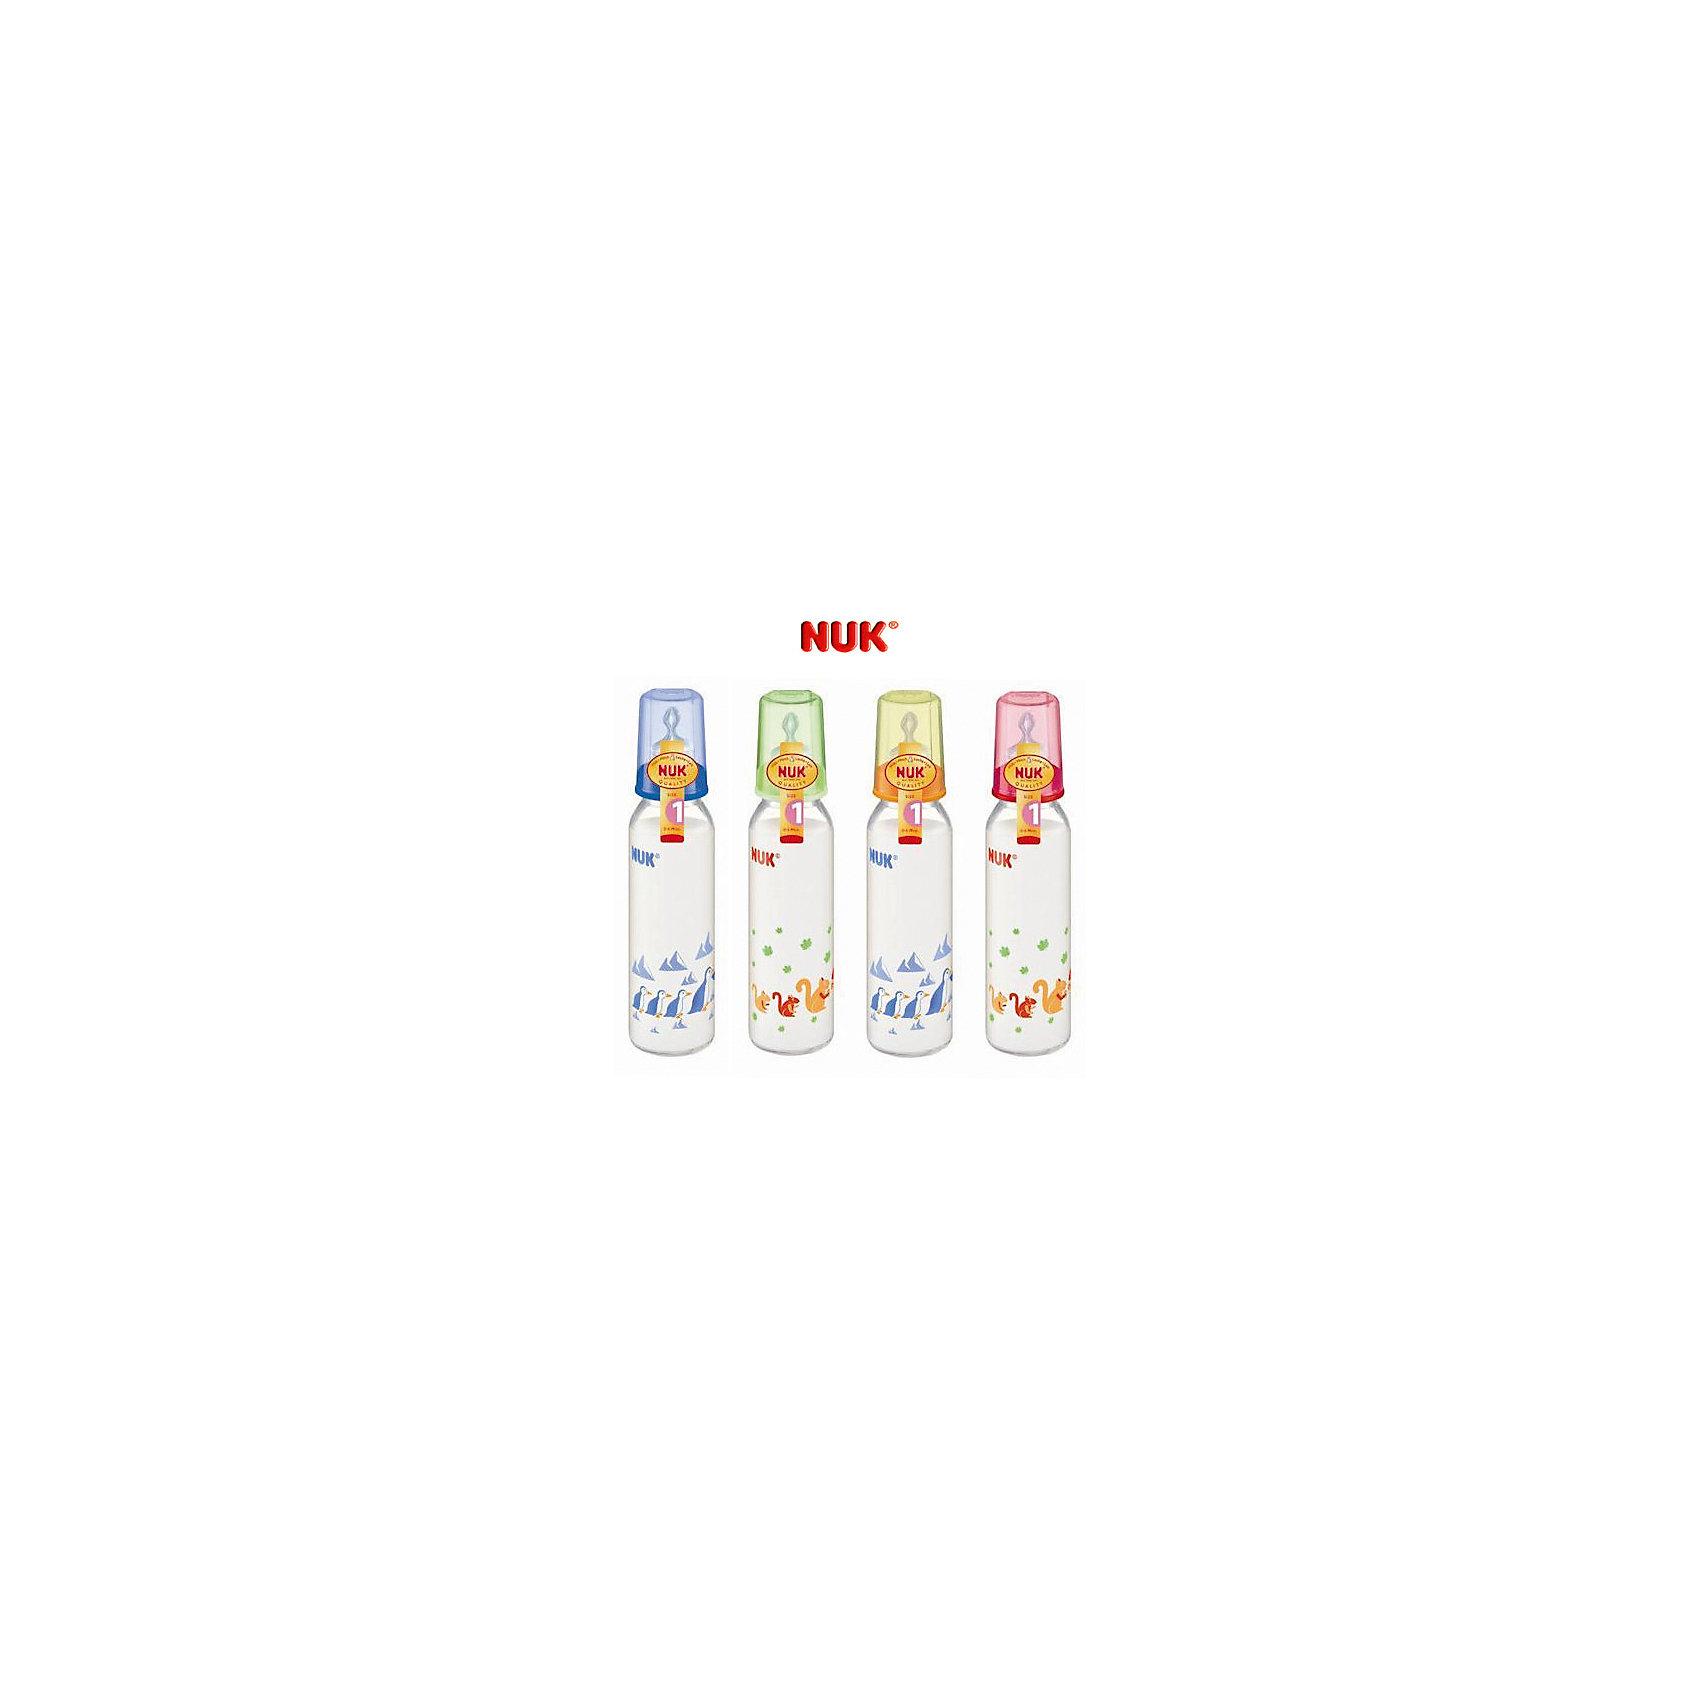 Бутылочка полипропиленовая (240 мл) с силиконовой соской, NUKБутылочки и аксессуары<br>Одна из важнейших задач родителей - обеспечить ребенку правильное и комфортное питание. Современные технологии помогают это сделать достаточно легко. Пример тому: эта бутылочка со специальной соской.<br>Бутылочка имеет удобную форму, она герметична и сделана из безопасного даже для самых маленьких пластика. Соска произведена из силикона - на сегодняшний день это один из лучших материалов для производства сосок. Она имеет отверстие, рассчитанное на жидкое питание. Форма соски позволяет обеспечить малышу комфорт при питании, а также предотвратить заглатывание воздуха и образование колик. Подарите удобство себе и ребенку!<br><br>Дополнительная информация:<br><br>цвет: разноцветный;<br>материал: пластик, силикон;<br>возраст ребенка: с рождения;<br>противоколиковый клапан;<br>для жидких продуктов;<br>объем: 240 мл.<br><br>Бутылочку полипропиленовую (240 мл) с силиконовой соской от компании NUK можно купить в нашем магазине.<br><br>Ширина мм: 90<br>Глубина мм: 240<br>Высота мм: 50<br>Вес г: 120<br>Возраст от месяцев: 0<br>Возраст до месяцев: 6<br>Пол: Унисекс<br>Возраст: Детский<br>SKU: 3932431